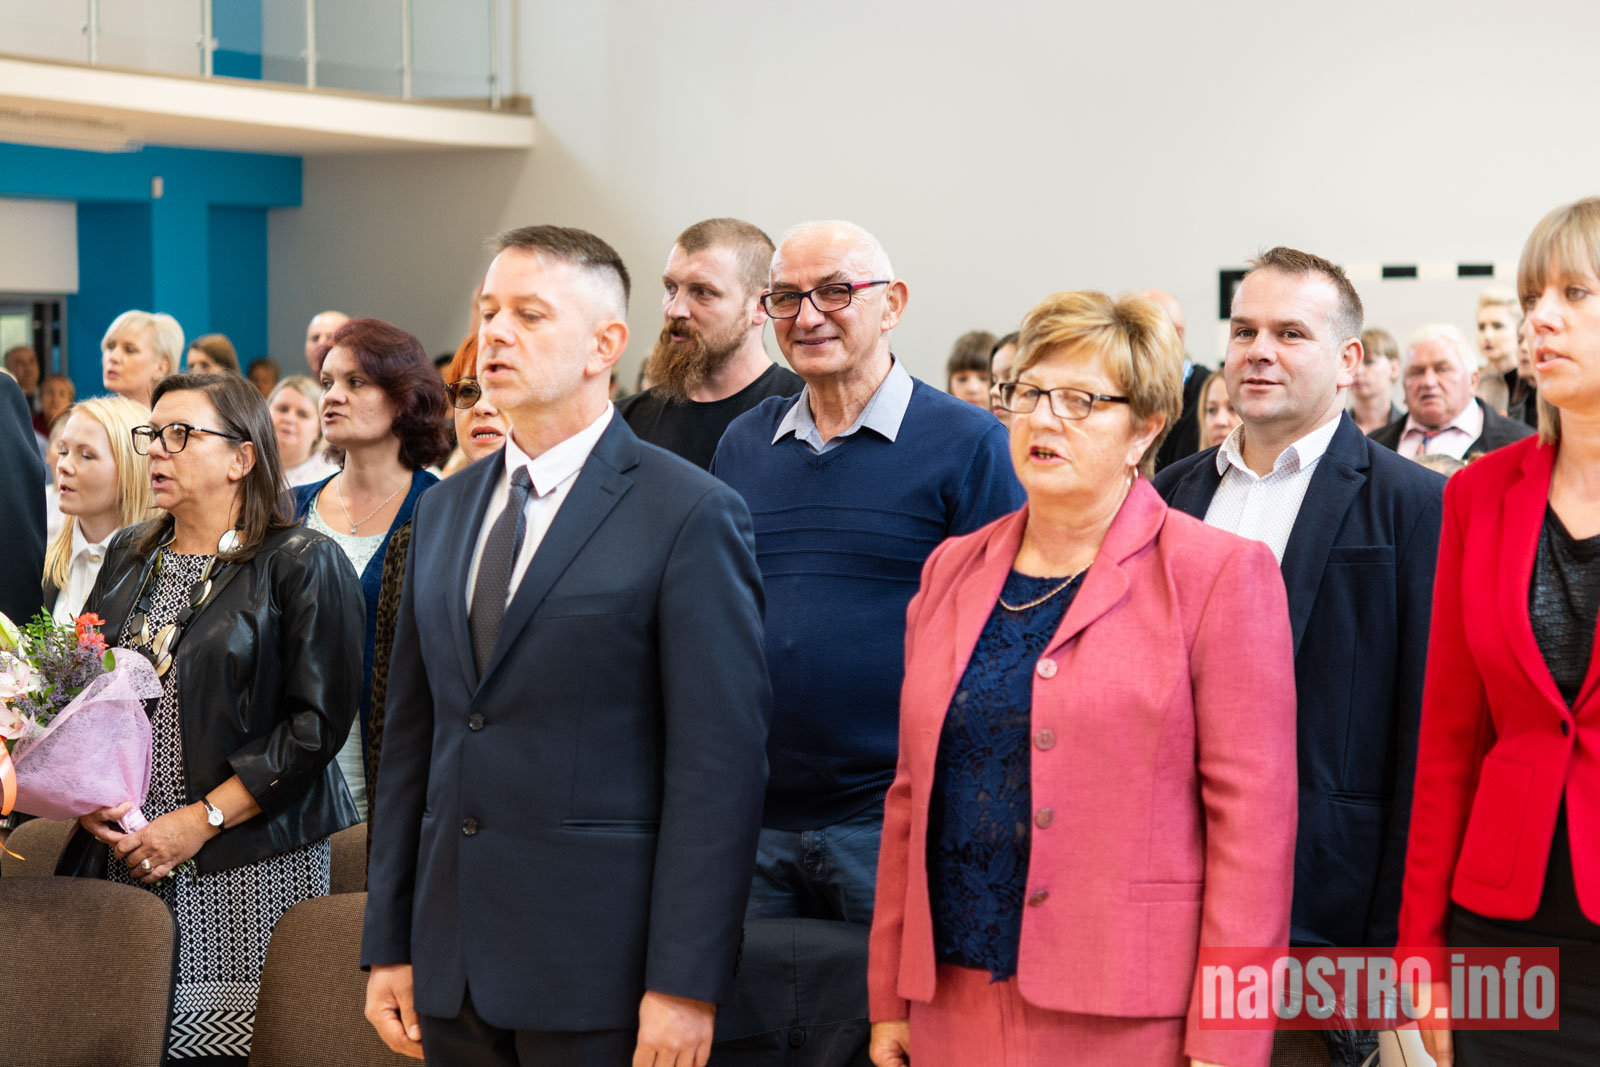 NaOSTRO Otwarcie Szkoły w Bałtowie-127